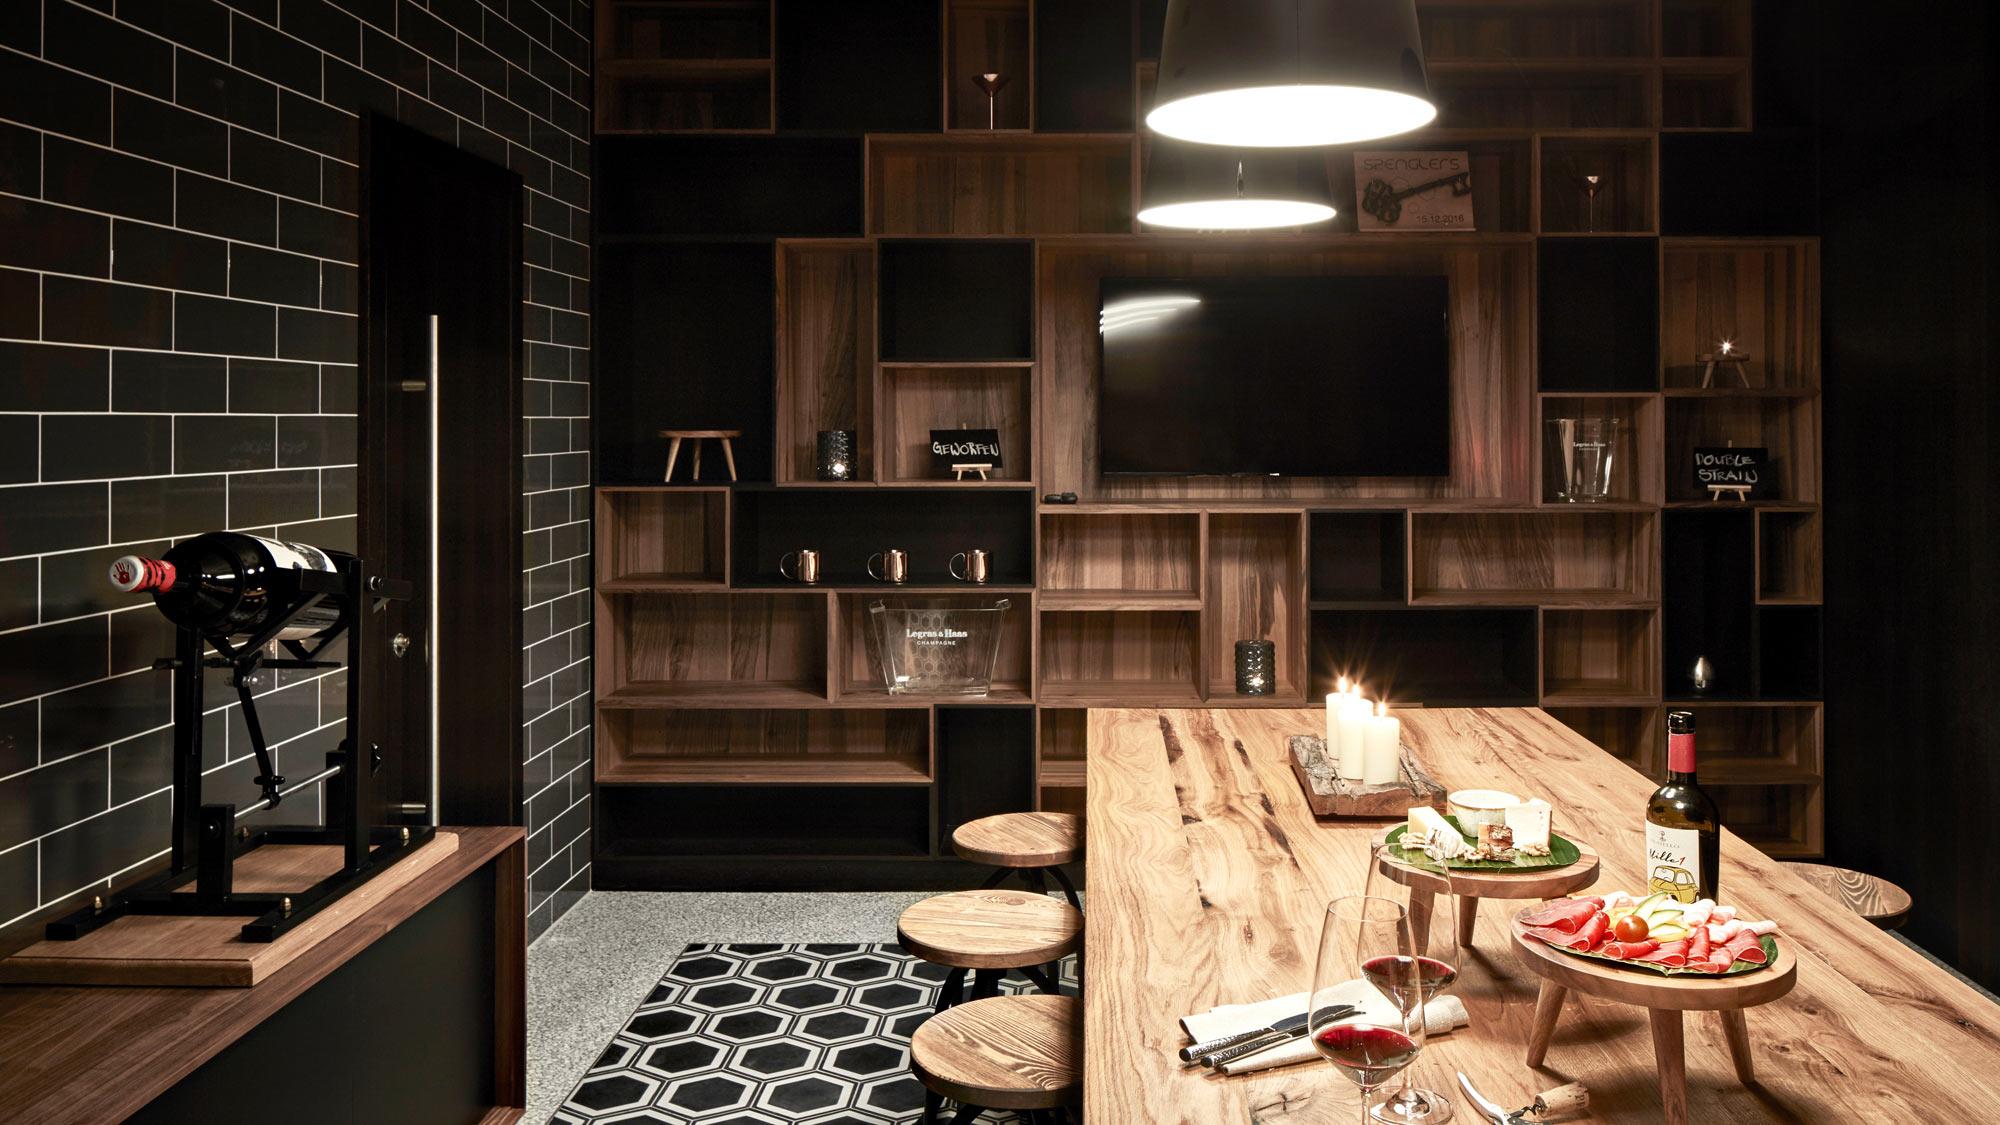 Holsboer Apartment spenglers_23_site_ed